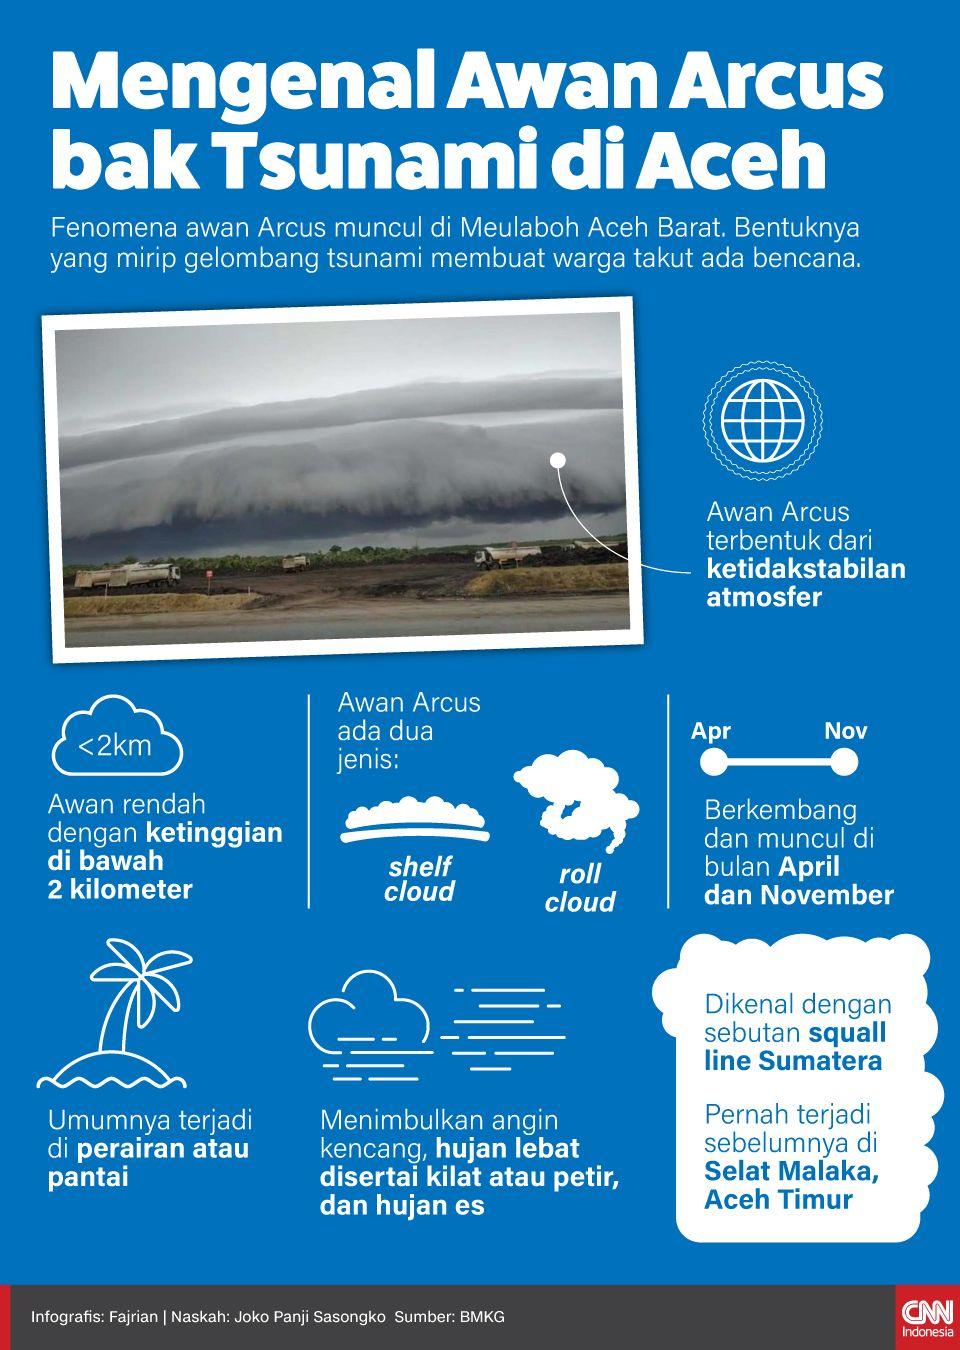 Infografis Mengenal Awan Arcus Bak Tsunami di Aceh